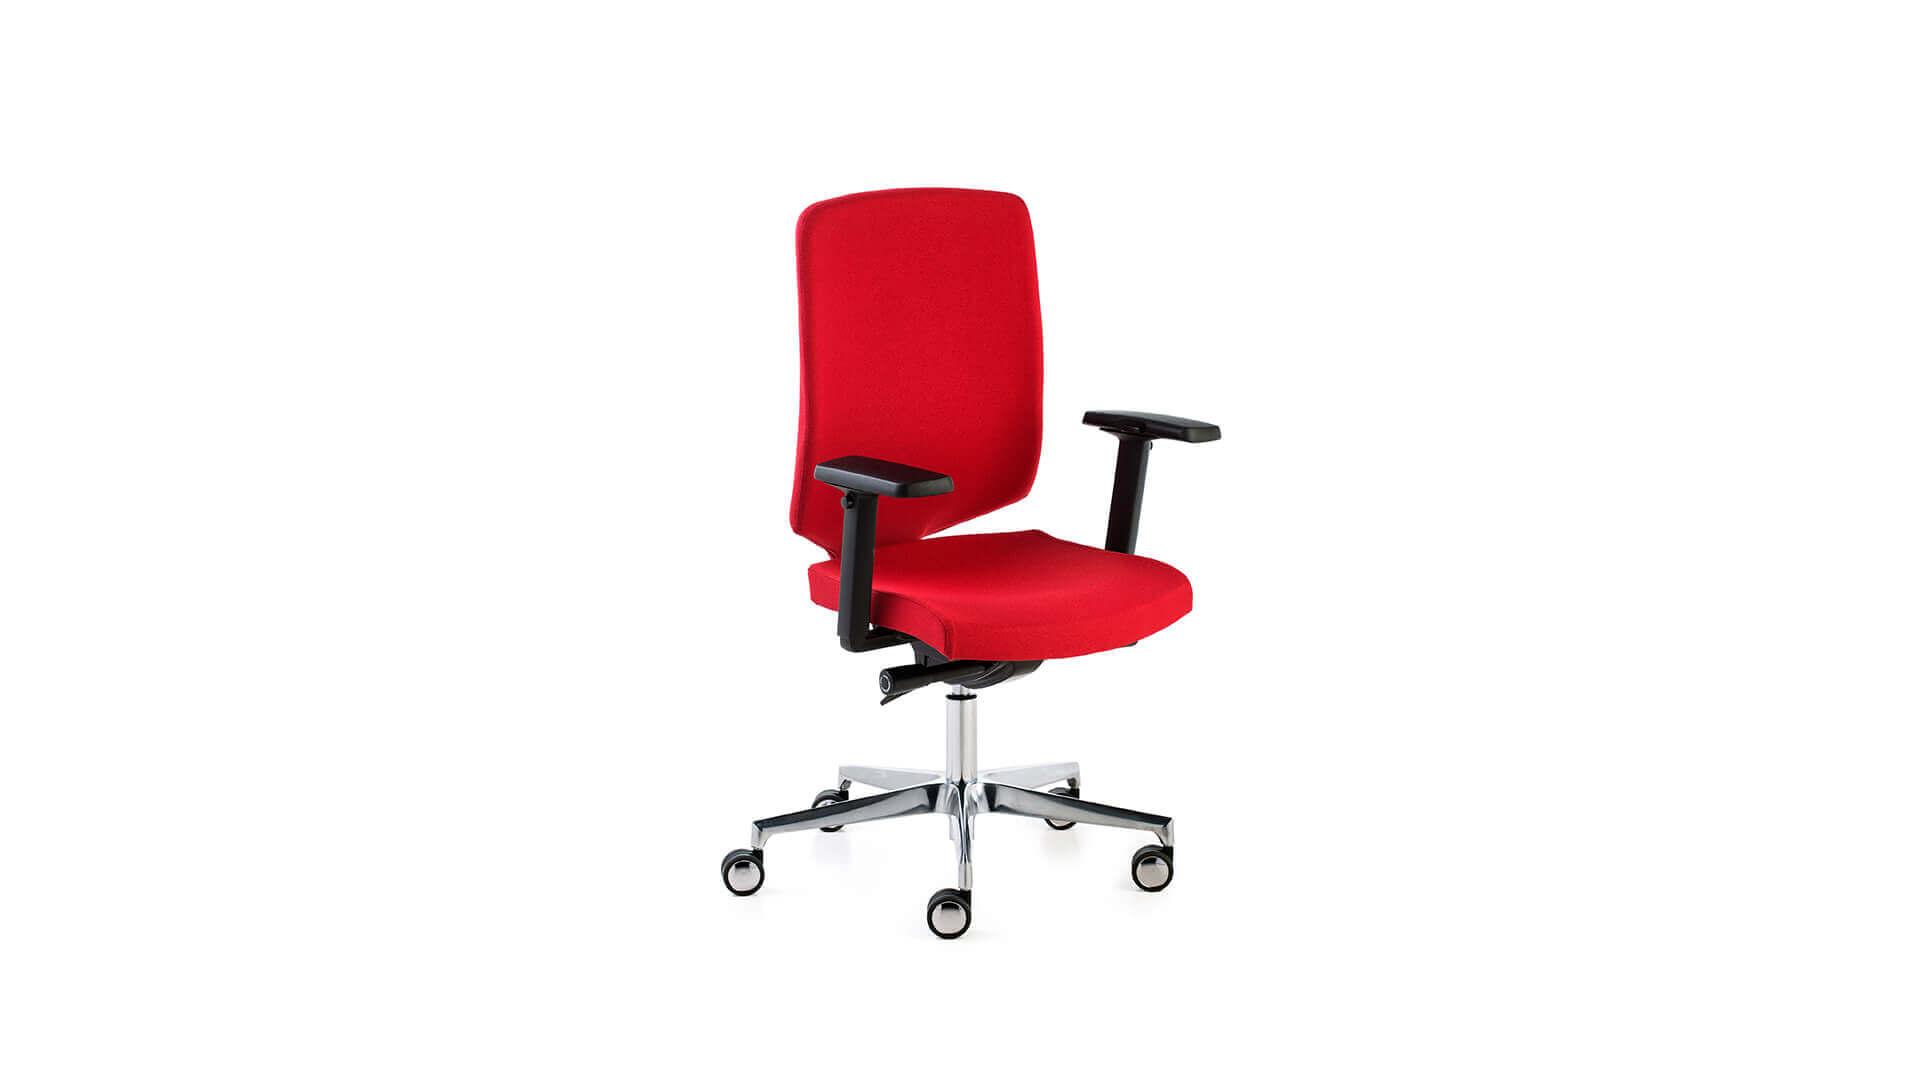 Silla operativa New Air Fox roja para oficina